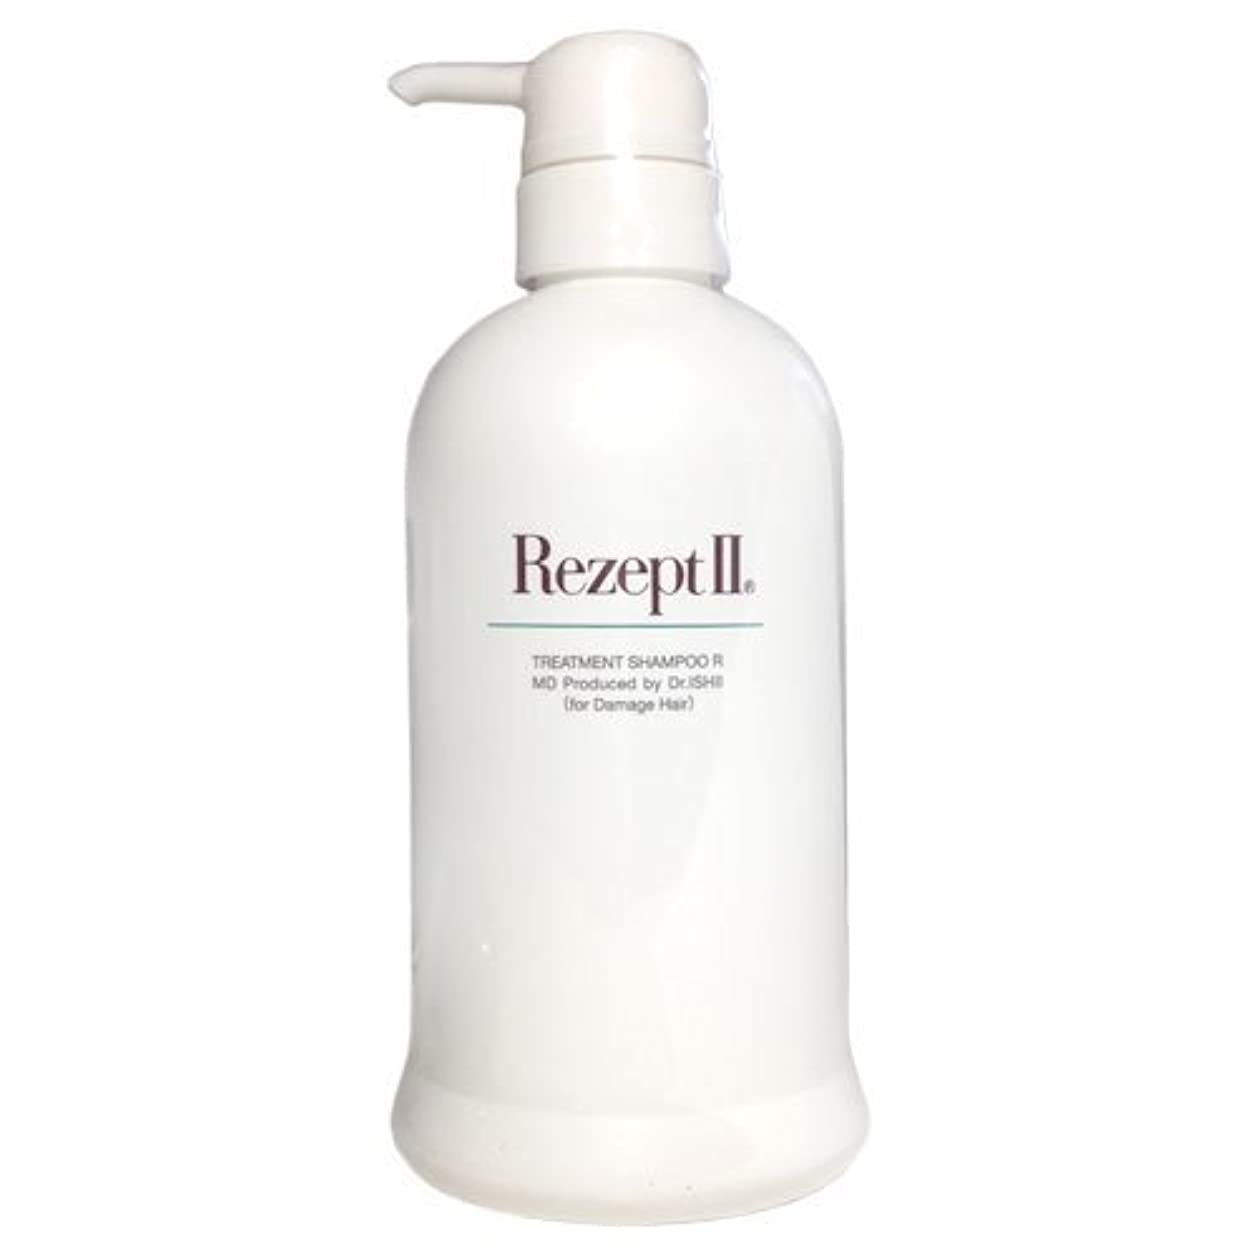 報告書傾向がありますベーカリーMD化粧品 レセプト2 トリートメントシャンプーR 500ml(ダメージヘア用)